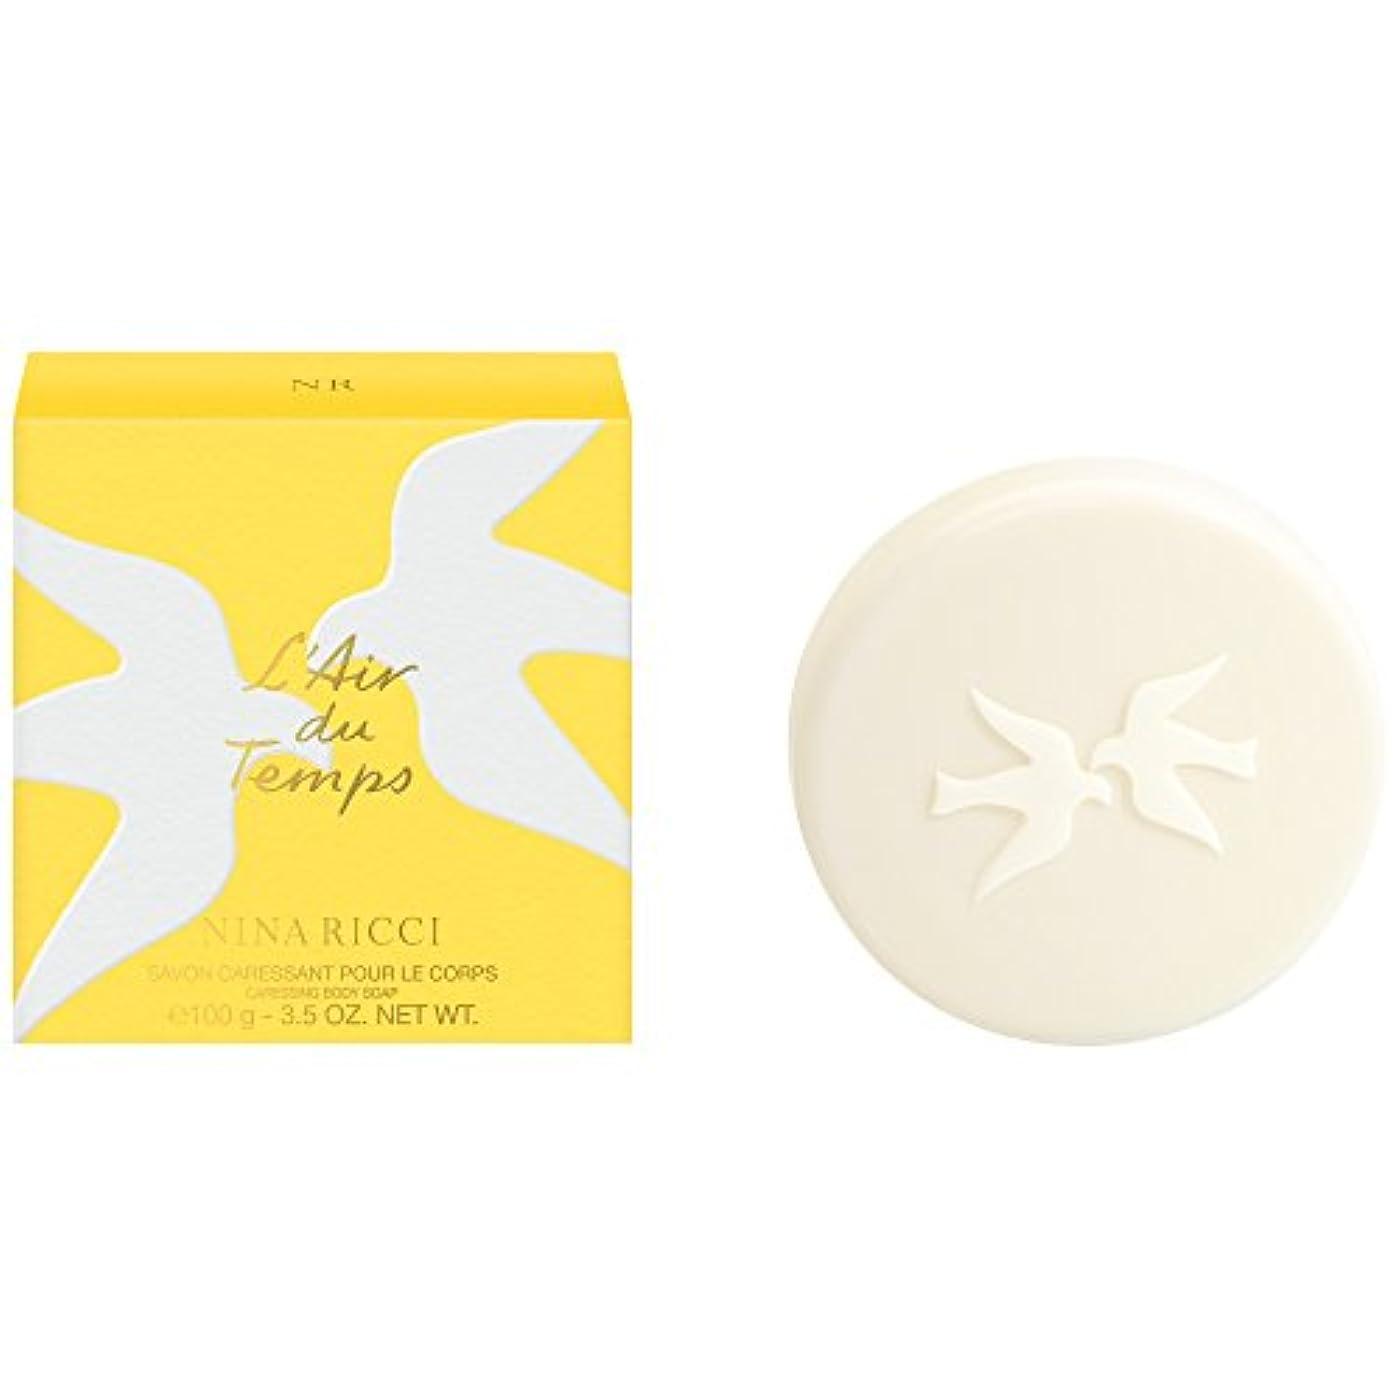 直径罰鎖ニナリッチL'空気デュは石鹸の100グラムをタン (Nina Ricci) (x2) - Nina Ricci L'Air du Temps Soap 100g (Pack of 2) [並行輸入品]